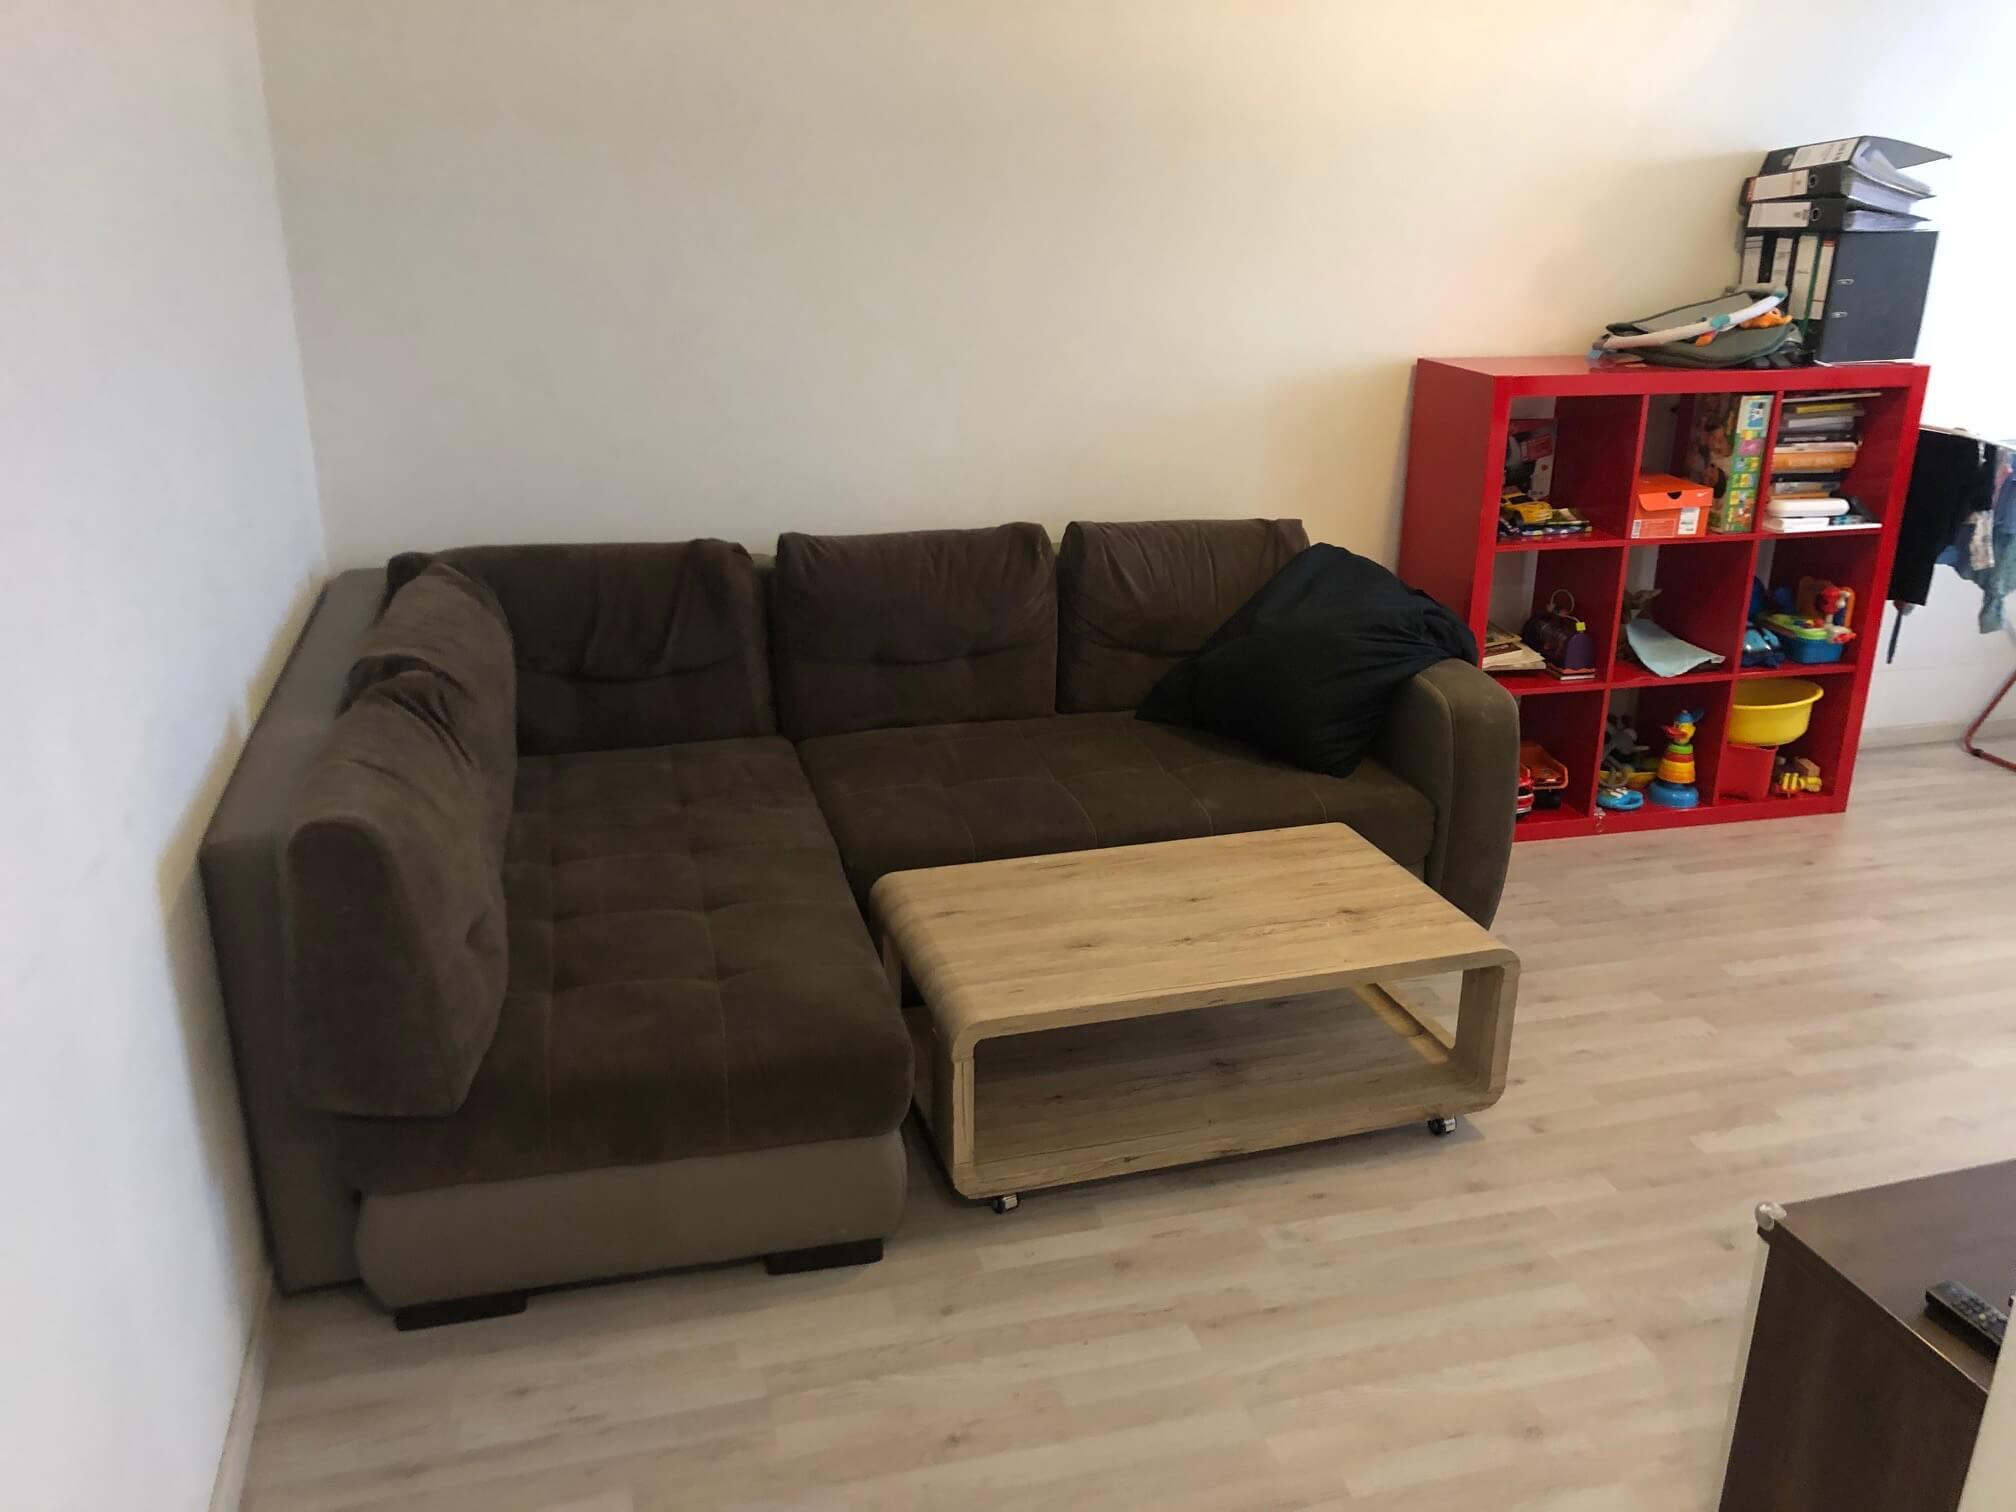 Prenajaté: Prenájom 2 izb. byt, Luxusne zariadeny, v tichej lokalite, Brnianska 4, nad Farbičkou, Malacky,-2